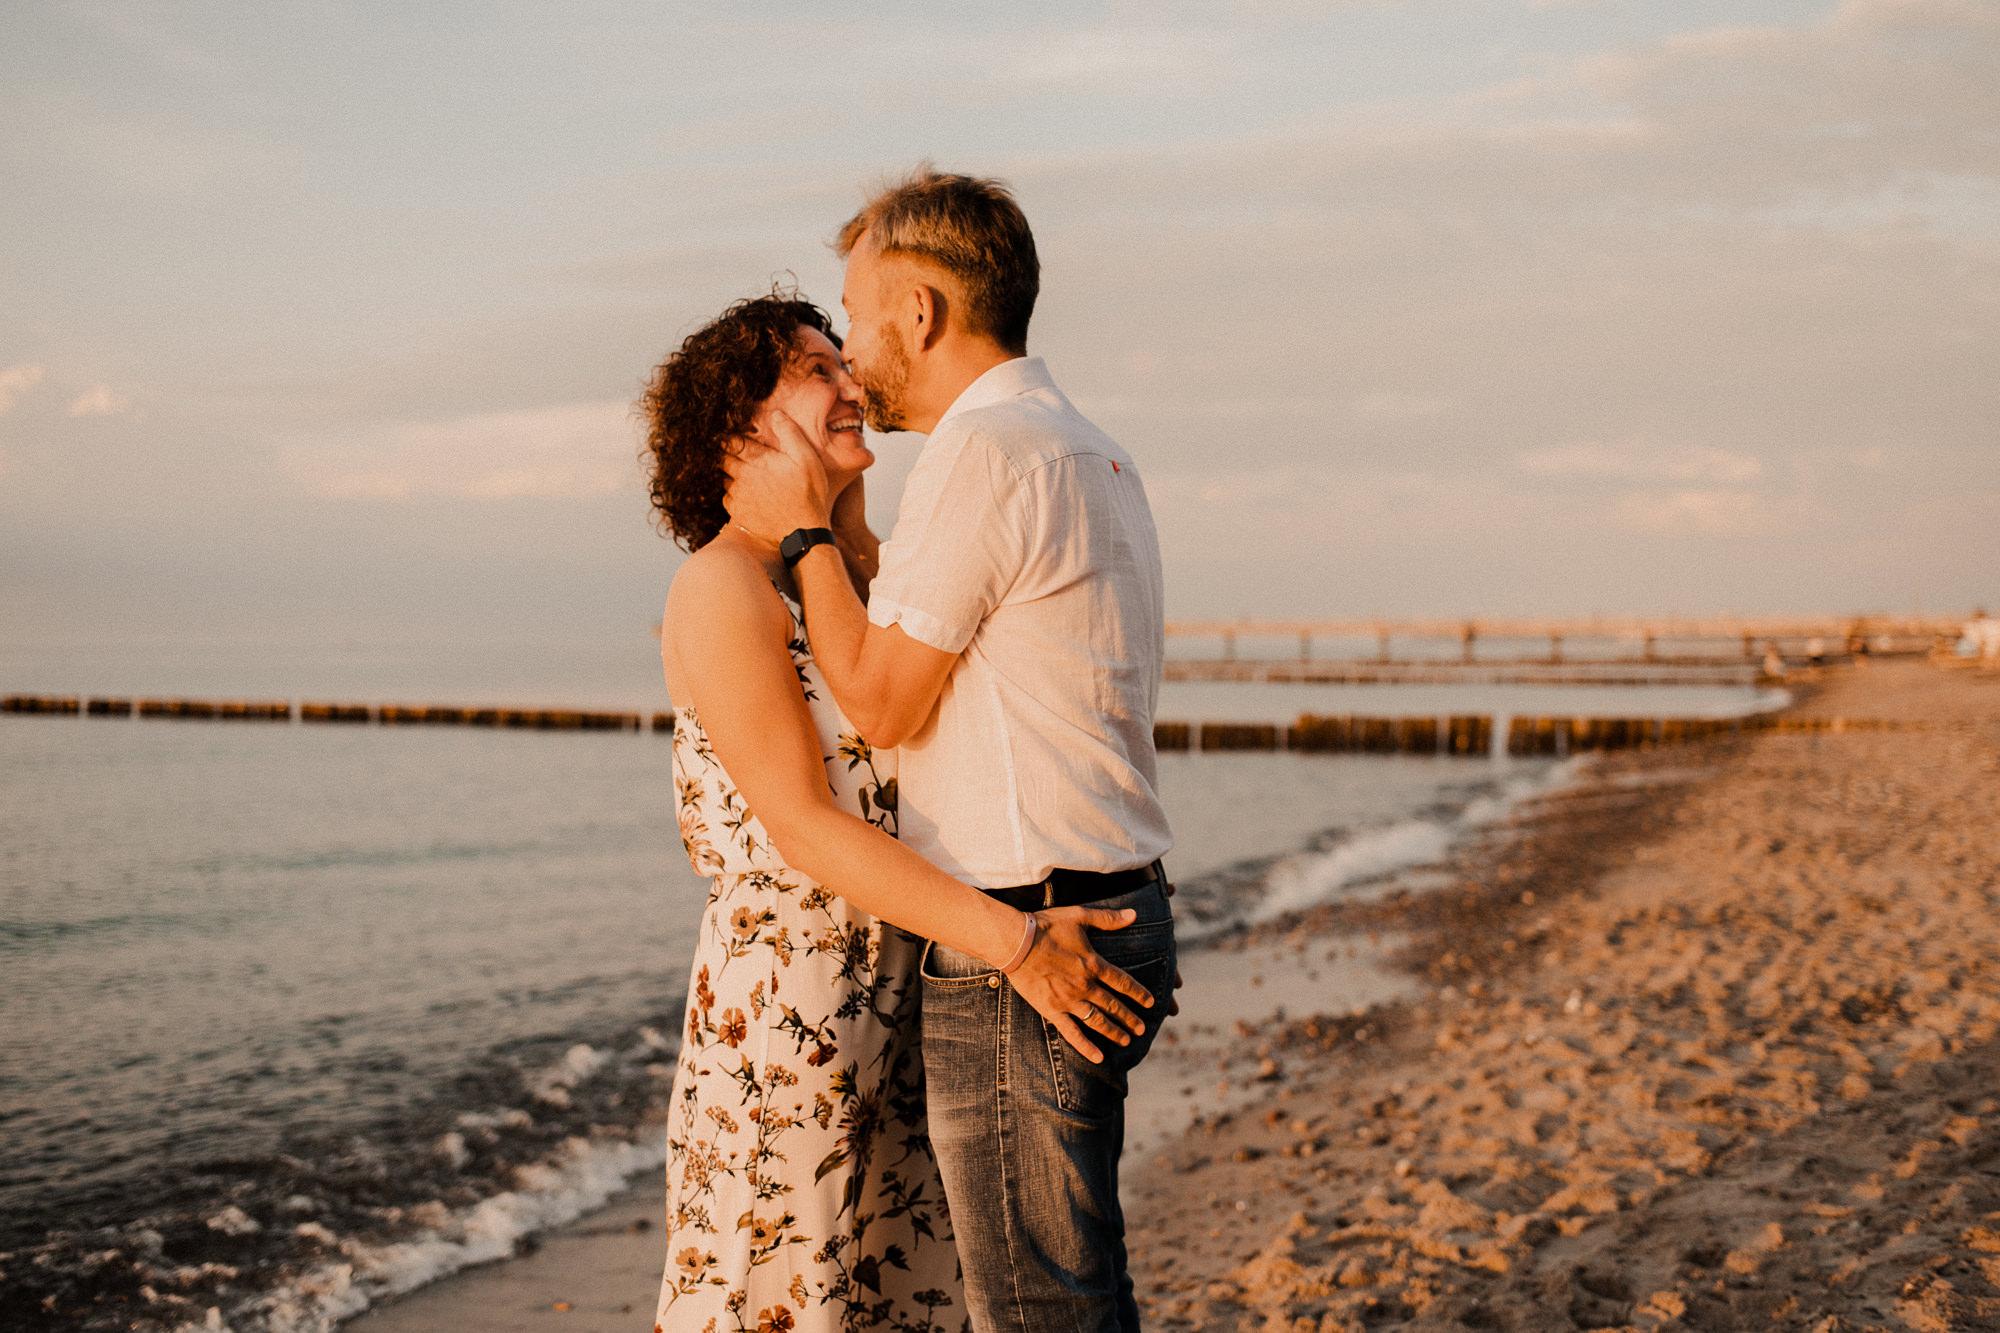 Hochzeitsfotograf - Grand Hotel Heiligendamm - Hochzeitsfotografie - Ostsee - Fotograf Gespensterwald Nienhagen - Hochzeit feiern - Fischland Darß